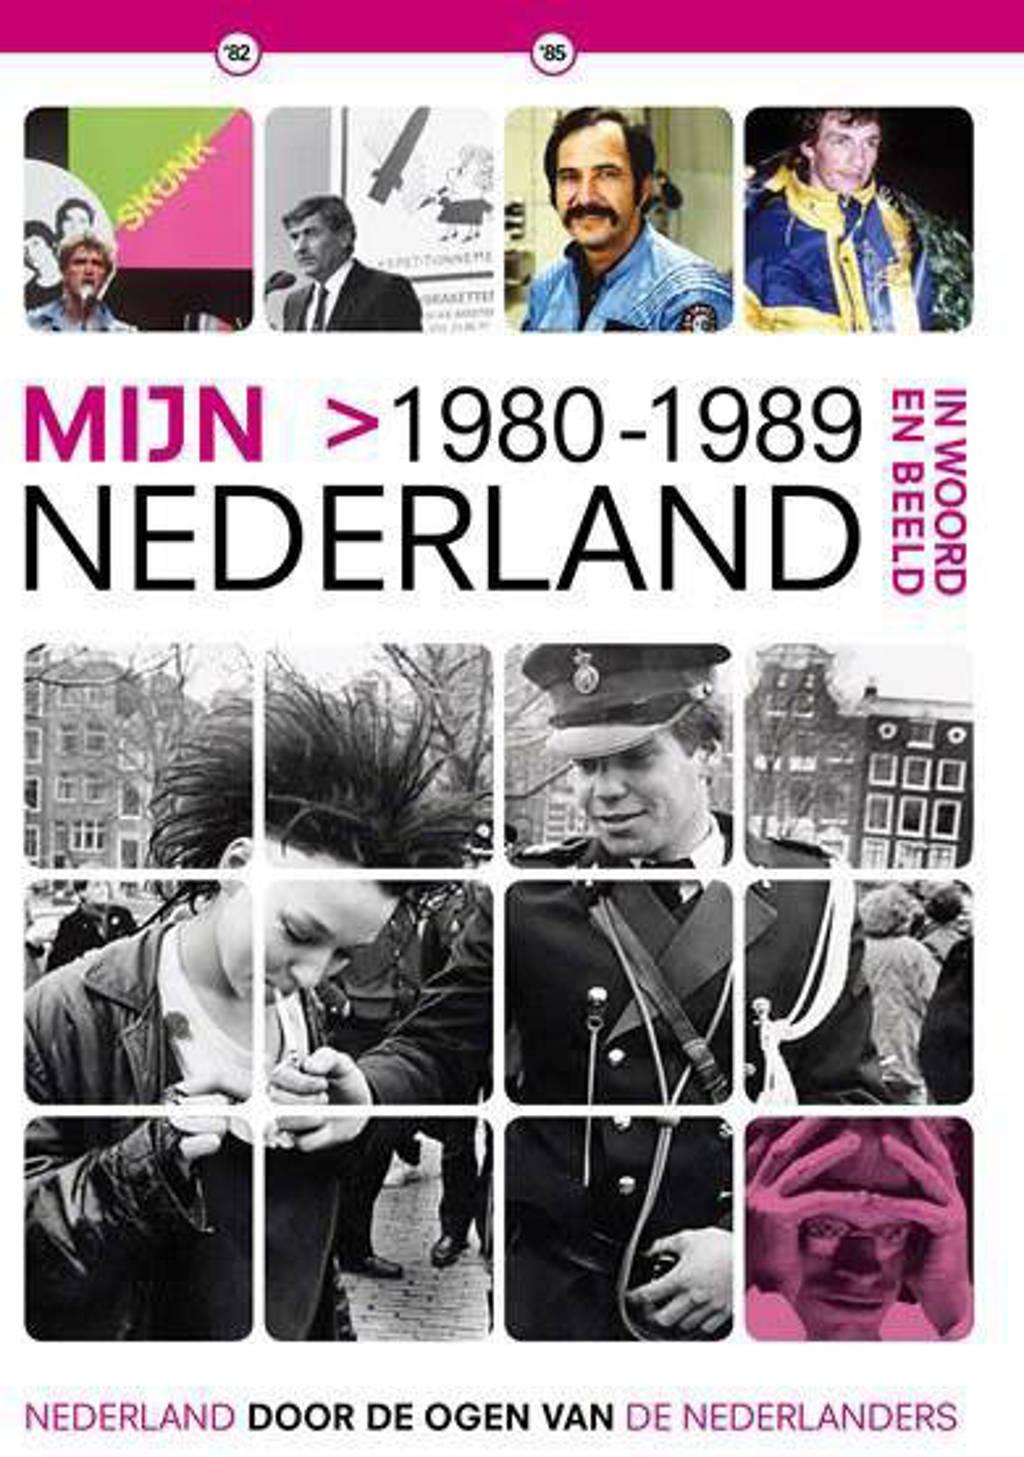 Mijn Nederland in woord en beeld - 1980-1989 (DVD)